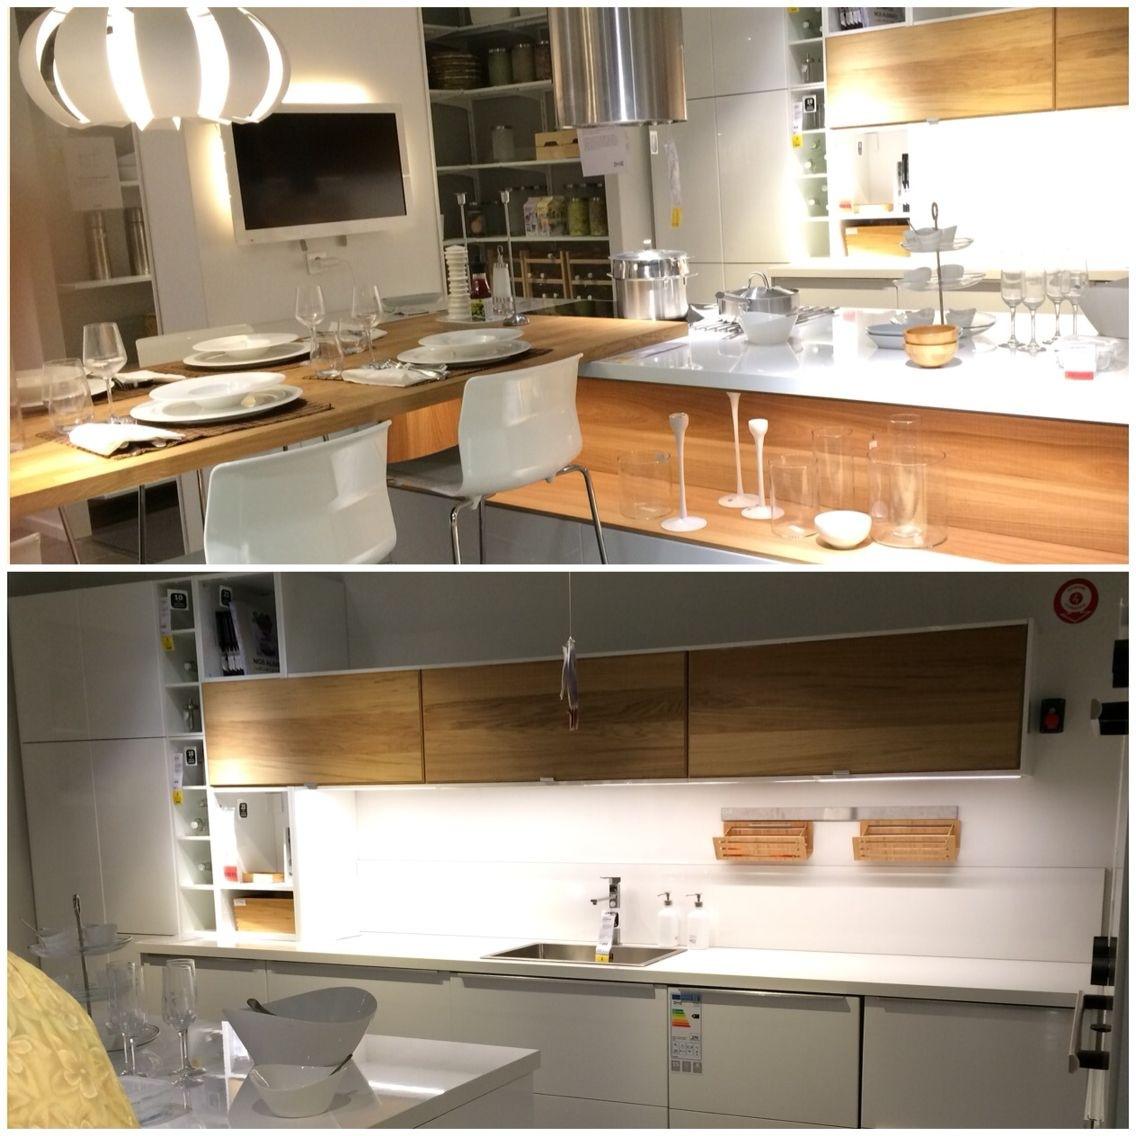 Cuisine Ikea Ringhult Nouveau Stock Les 23 Luxe Cuisine Ikea Ringhult Collection